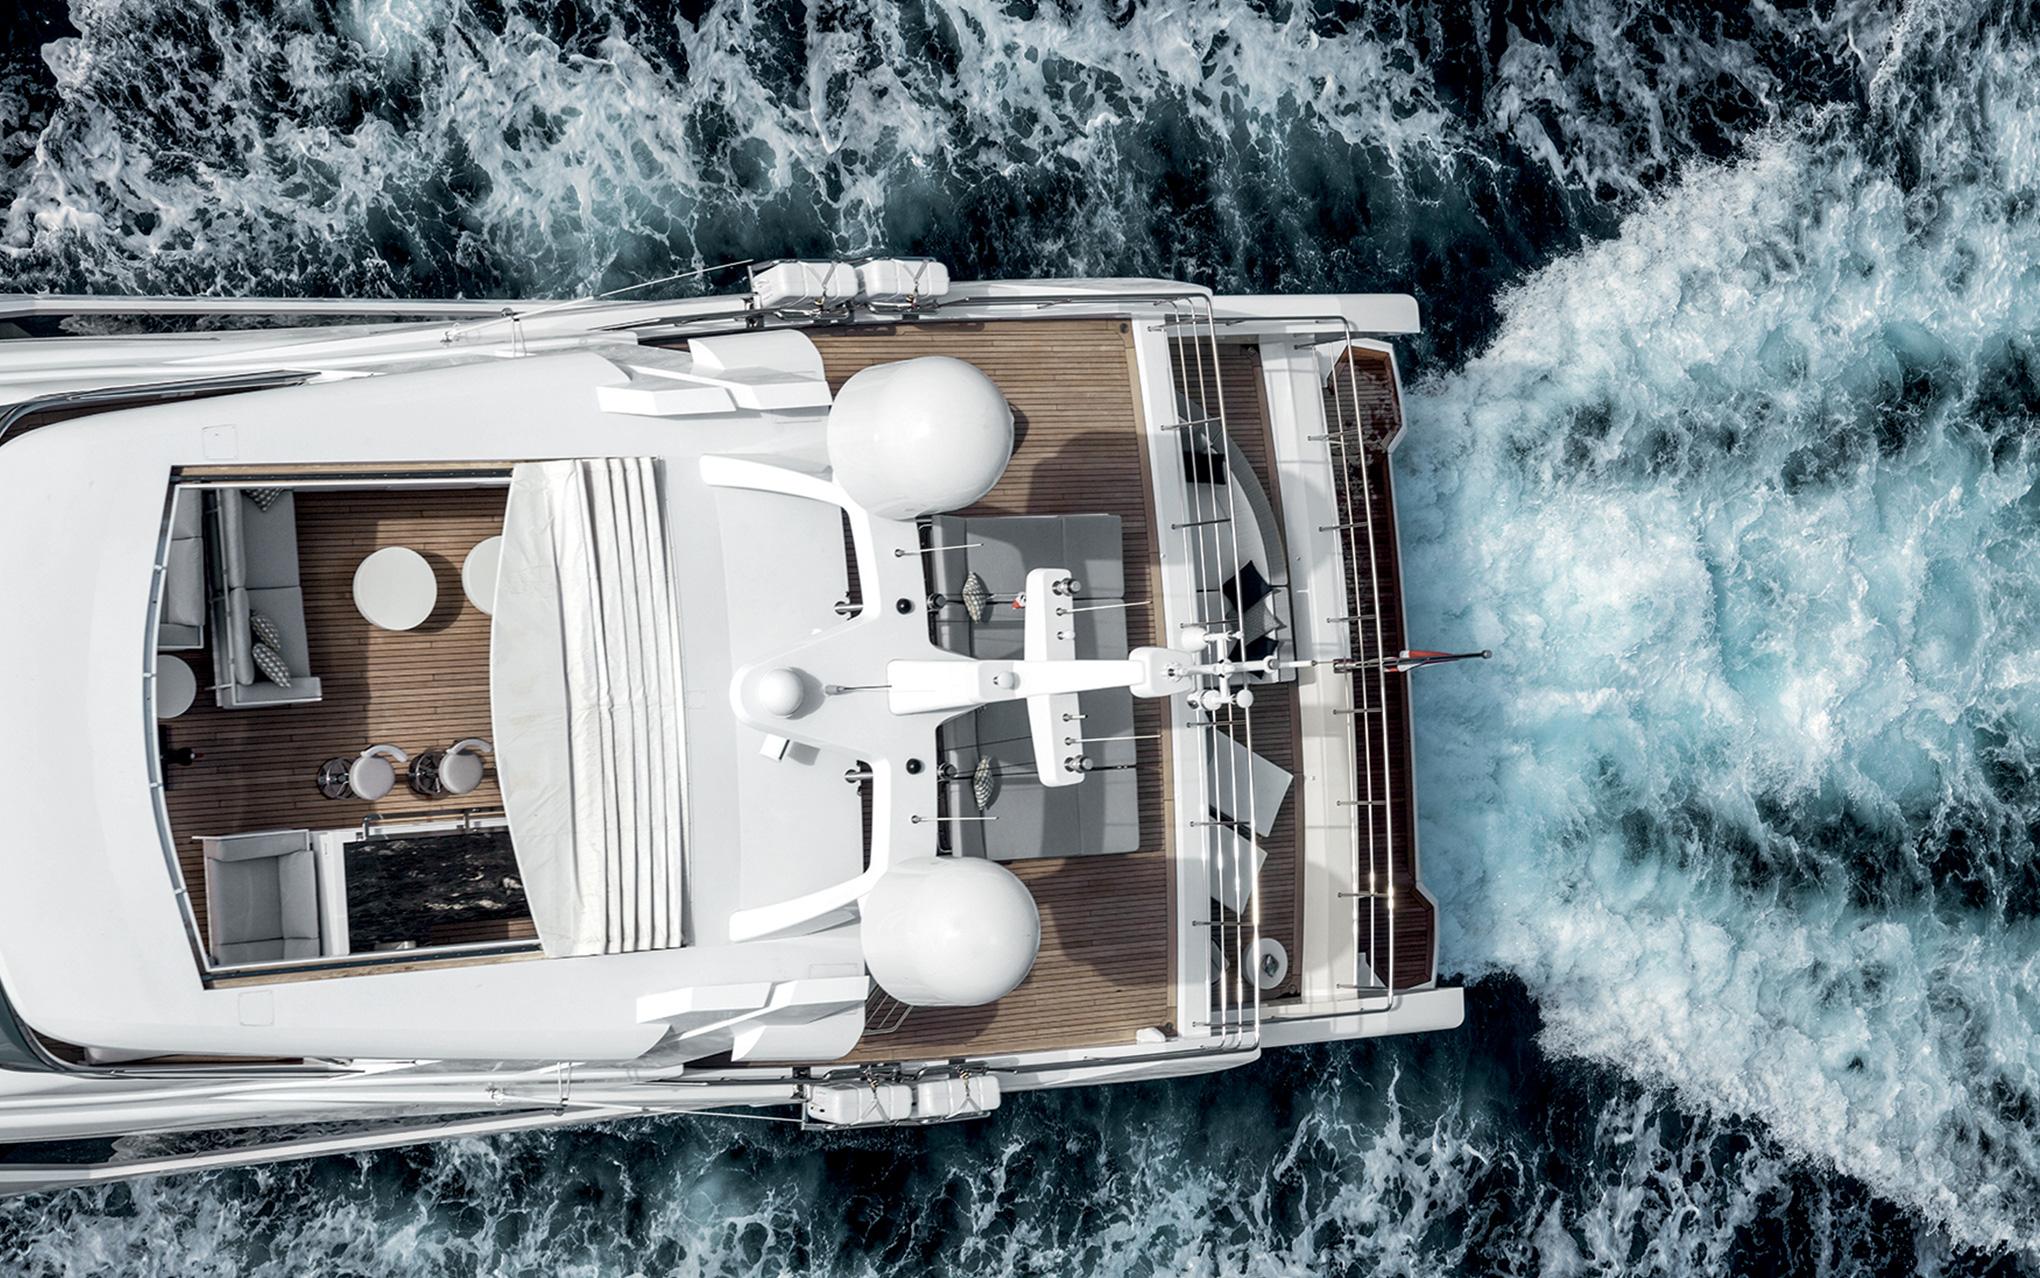 Hitta stora båtar i Stockholm. Motorbåtar och segelbåtar i Stockholm.